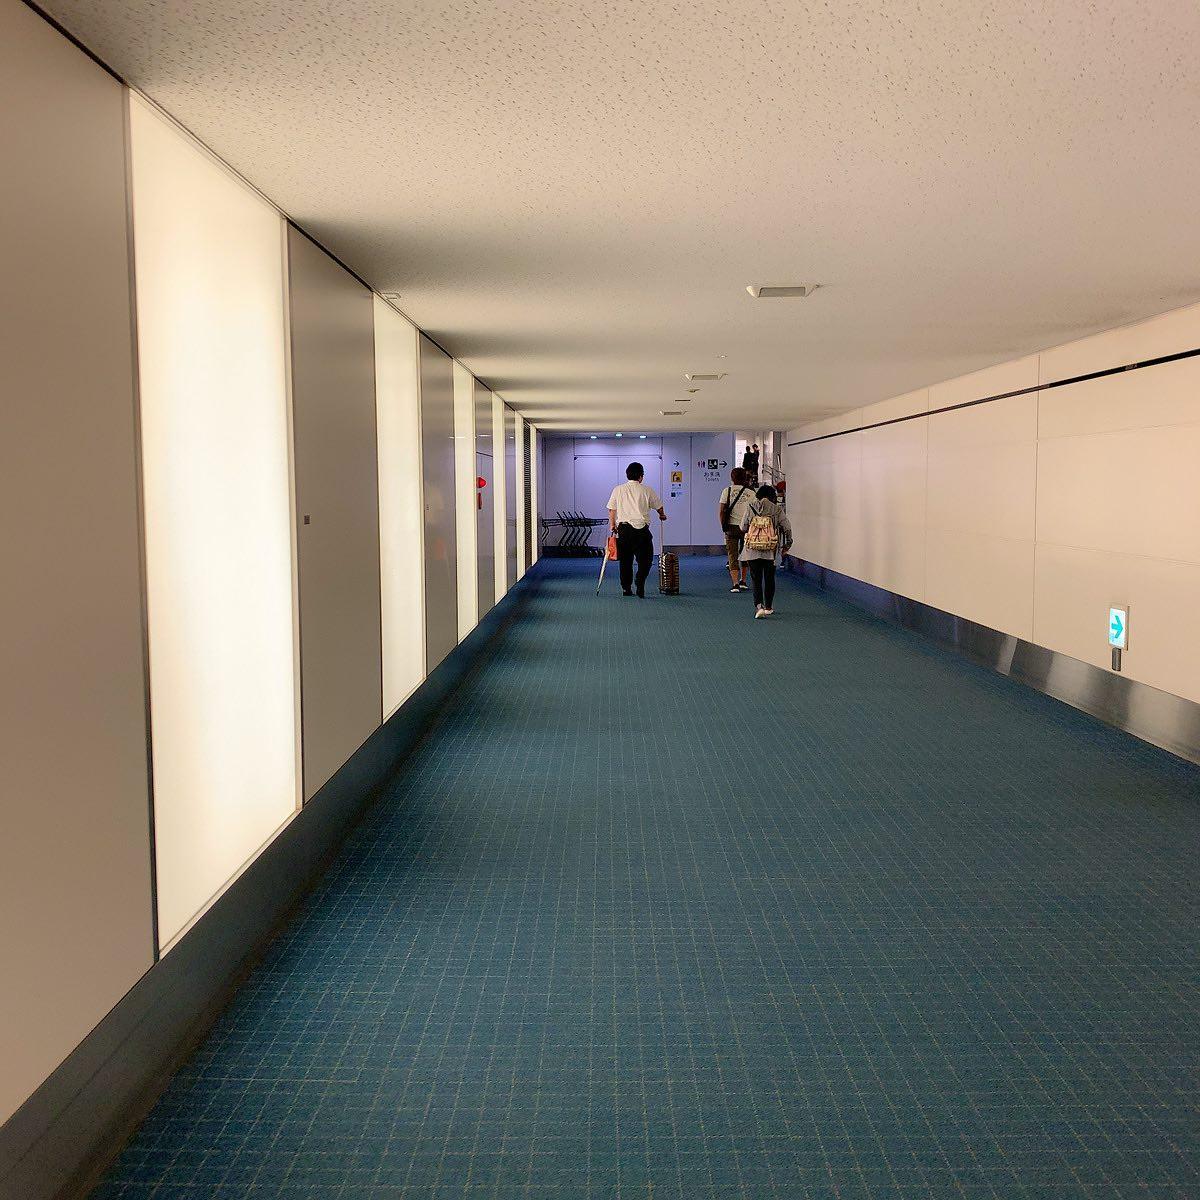 第2ターミナル53番ゲートに着くとこんな通路を通れます。#今日の一点透視図法